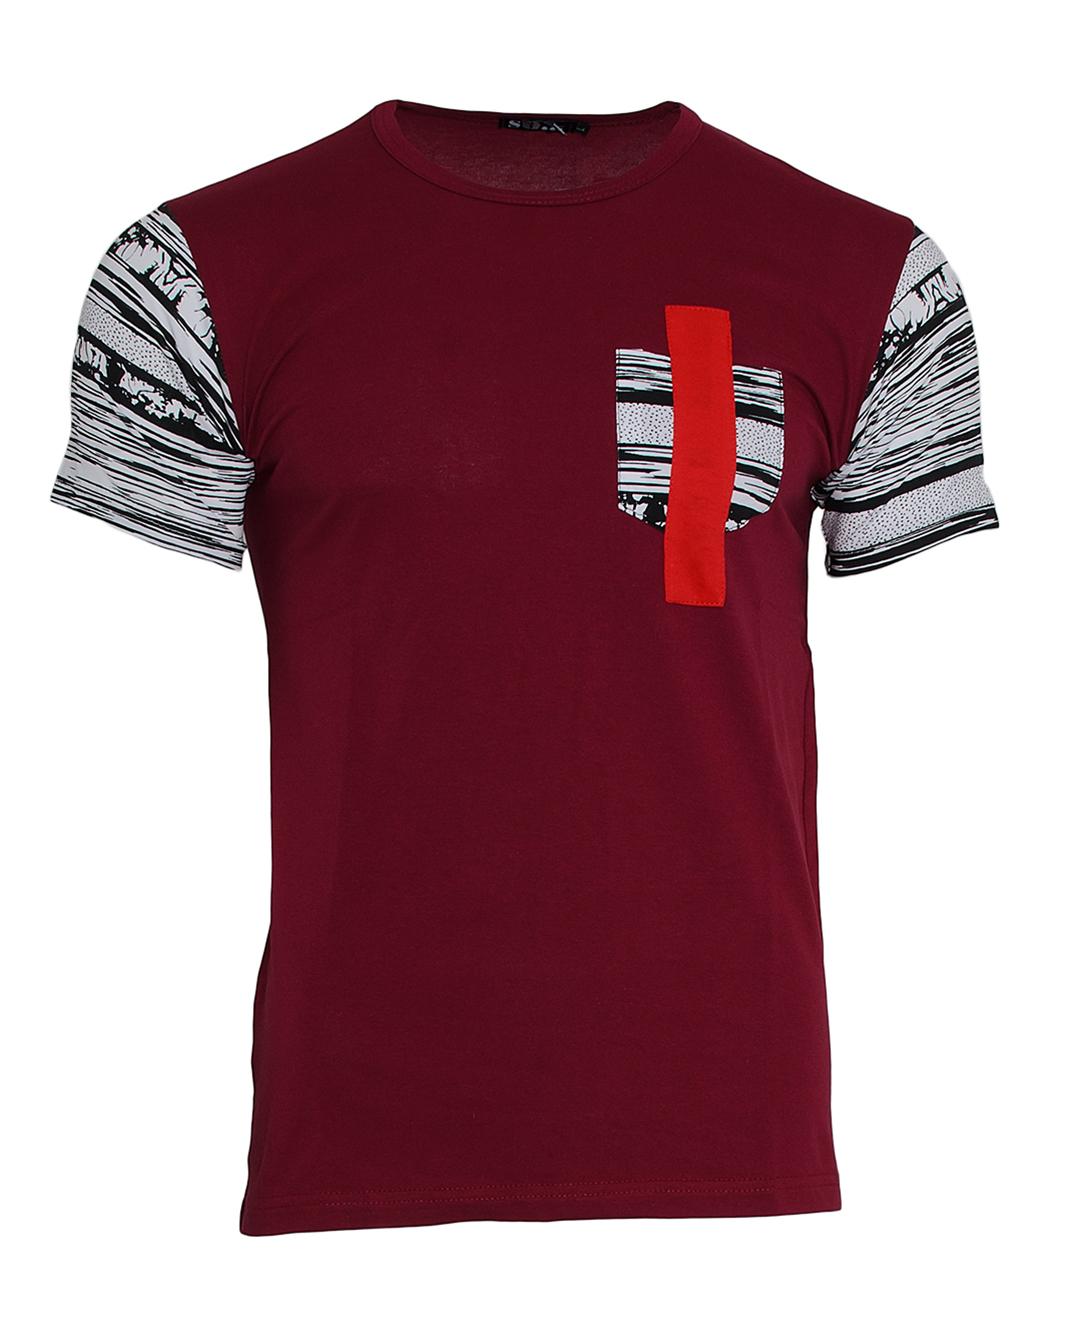 Ανδρικό T-shirt Pocket Line Red-Μπορντό αρχική ανδρικά ρούχα επιλογή ανά προϊόν t shirts